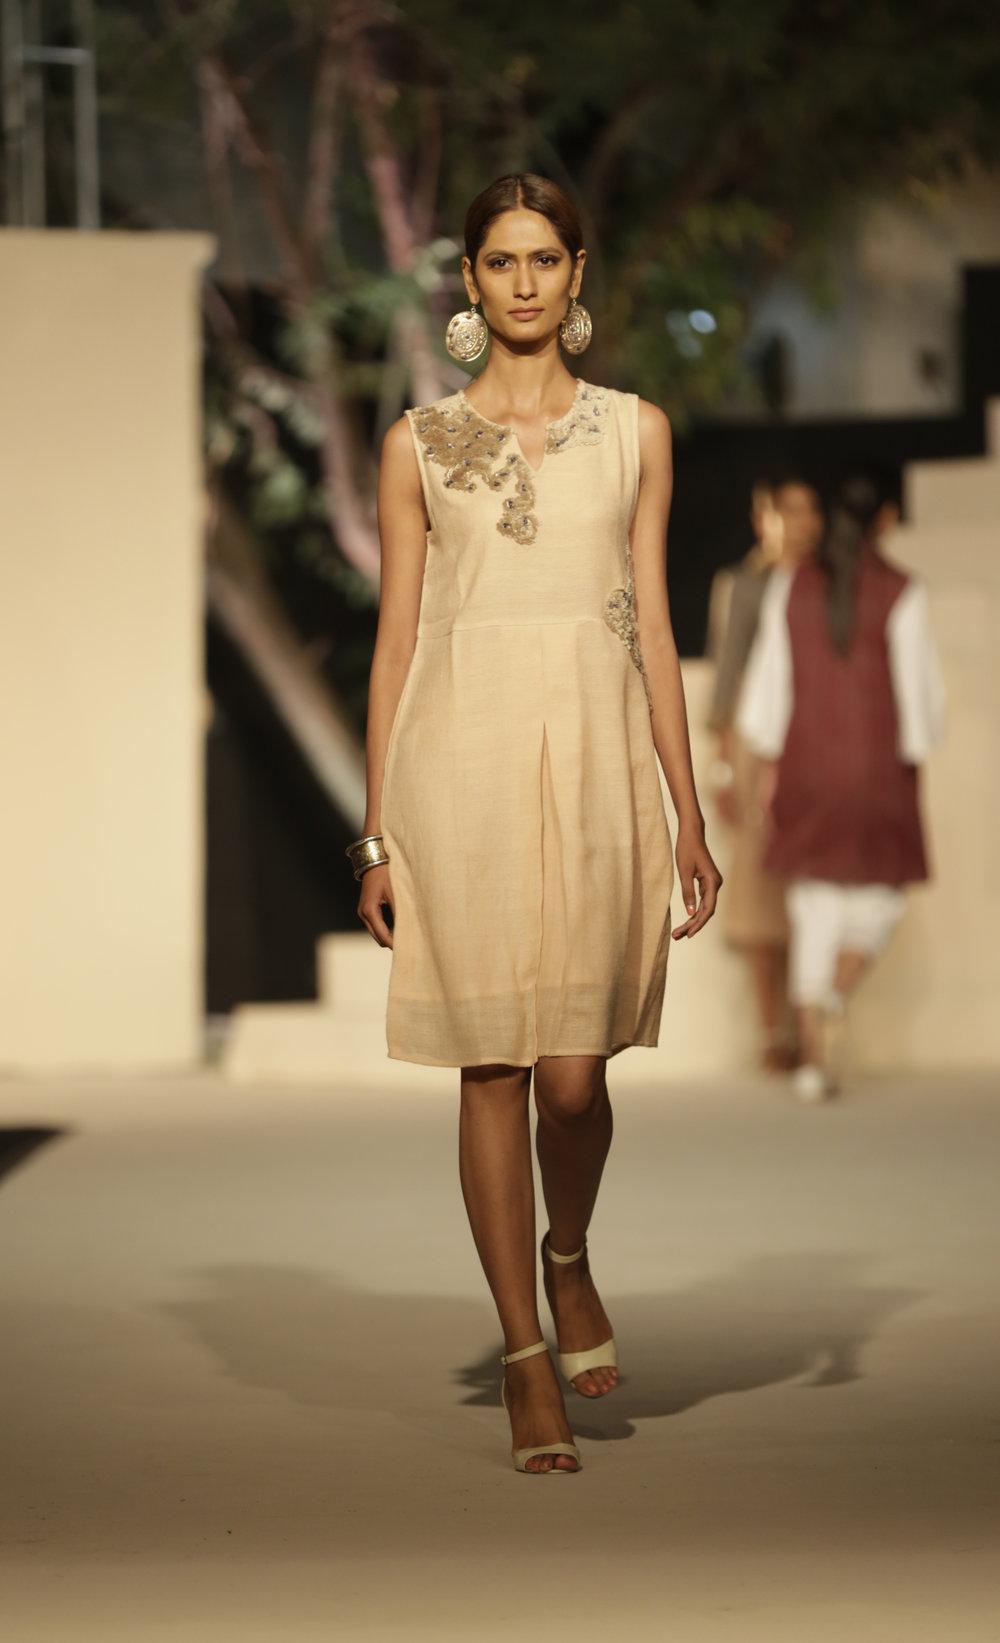 RH0801 Dress